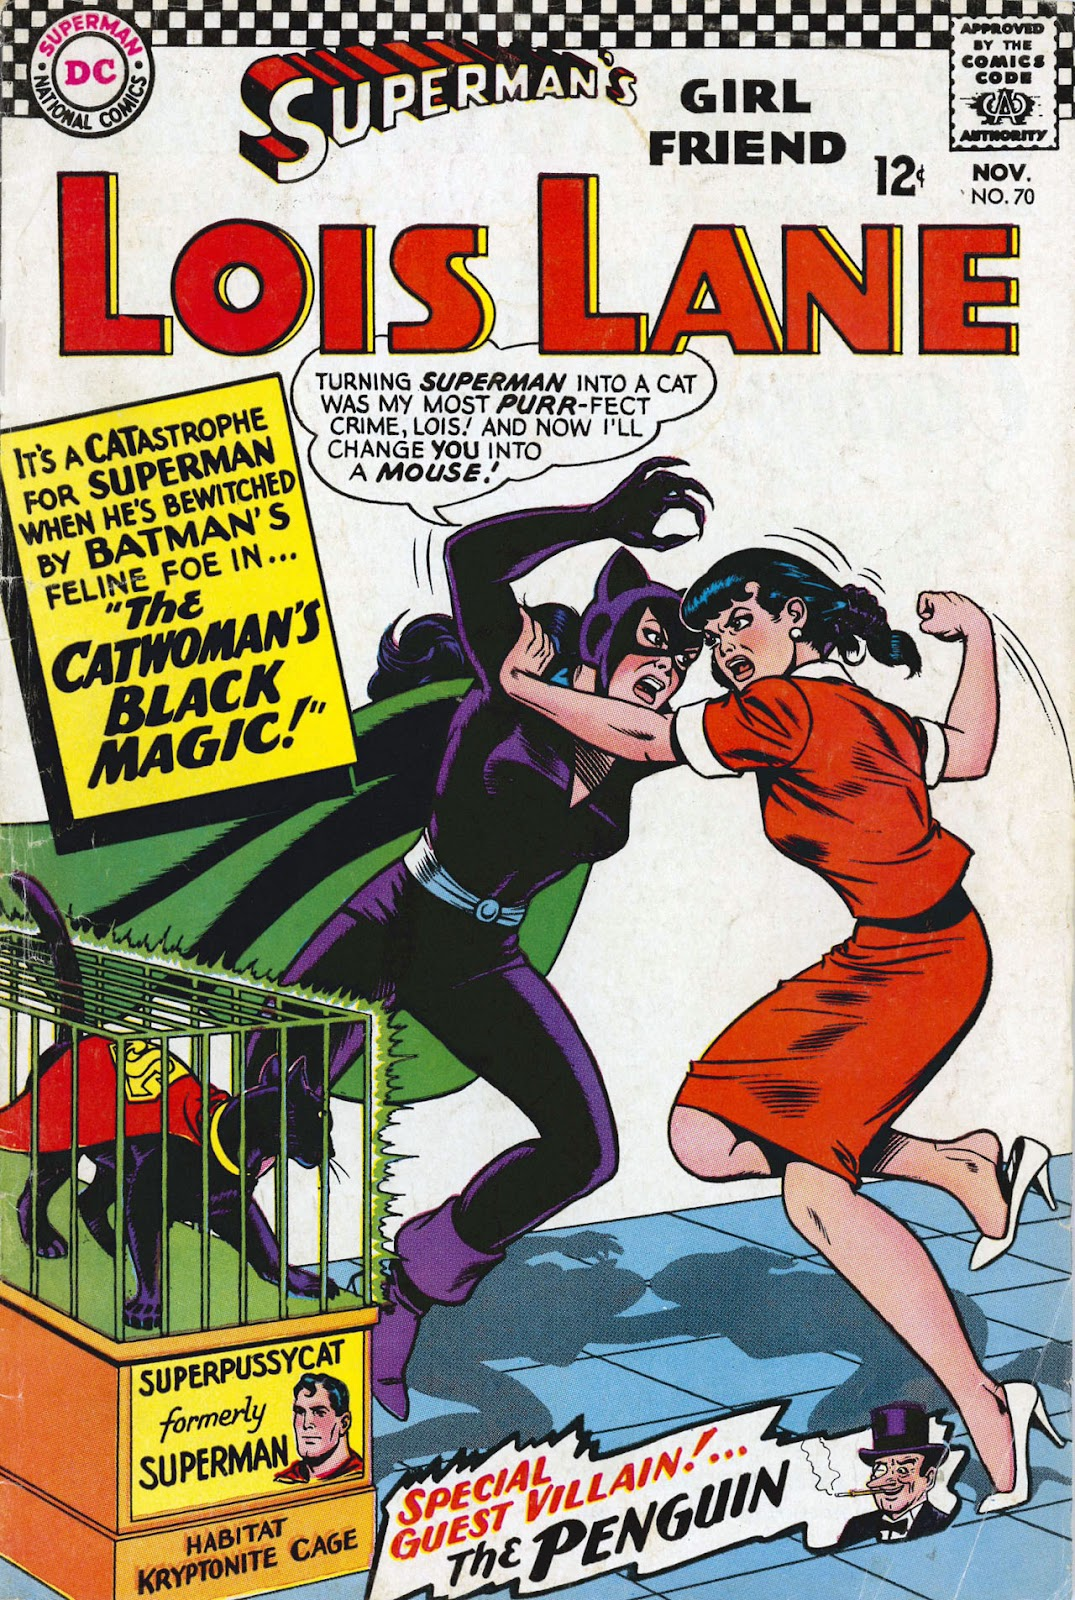 Supermans Girl Friend, Lois Lane 70 Page 1